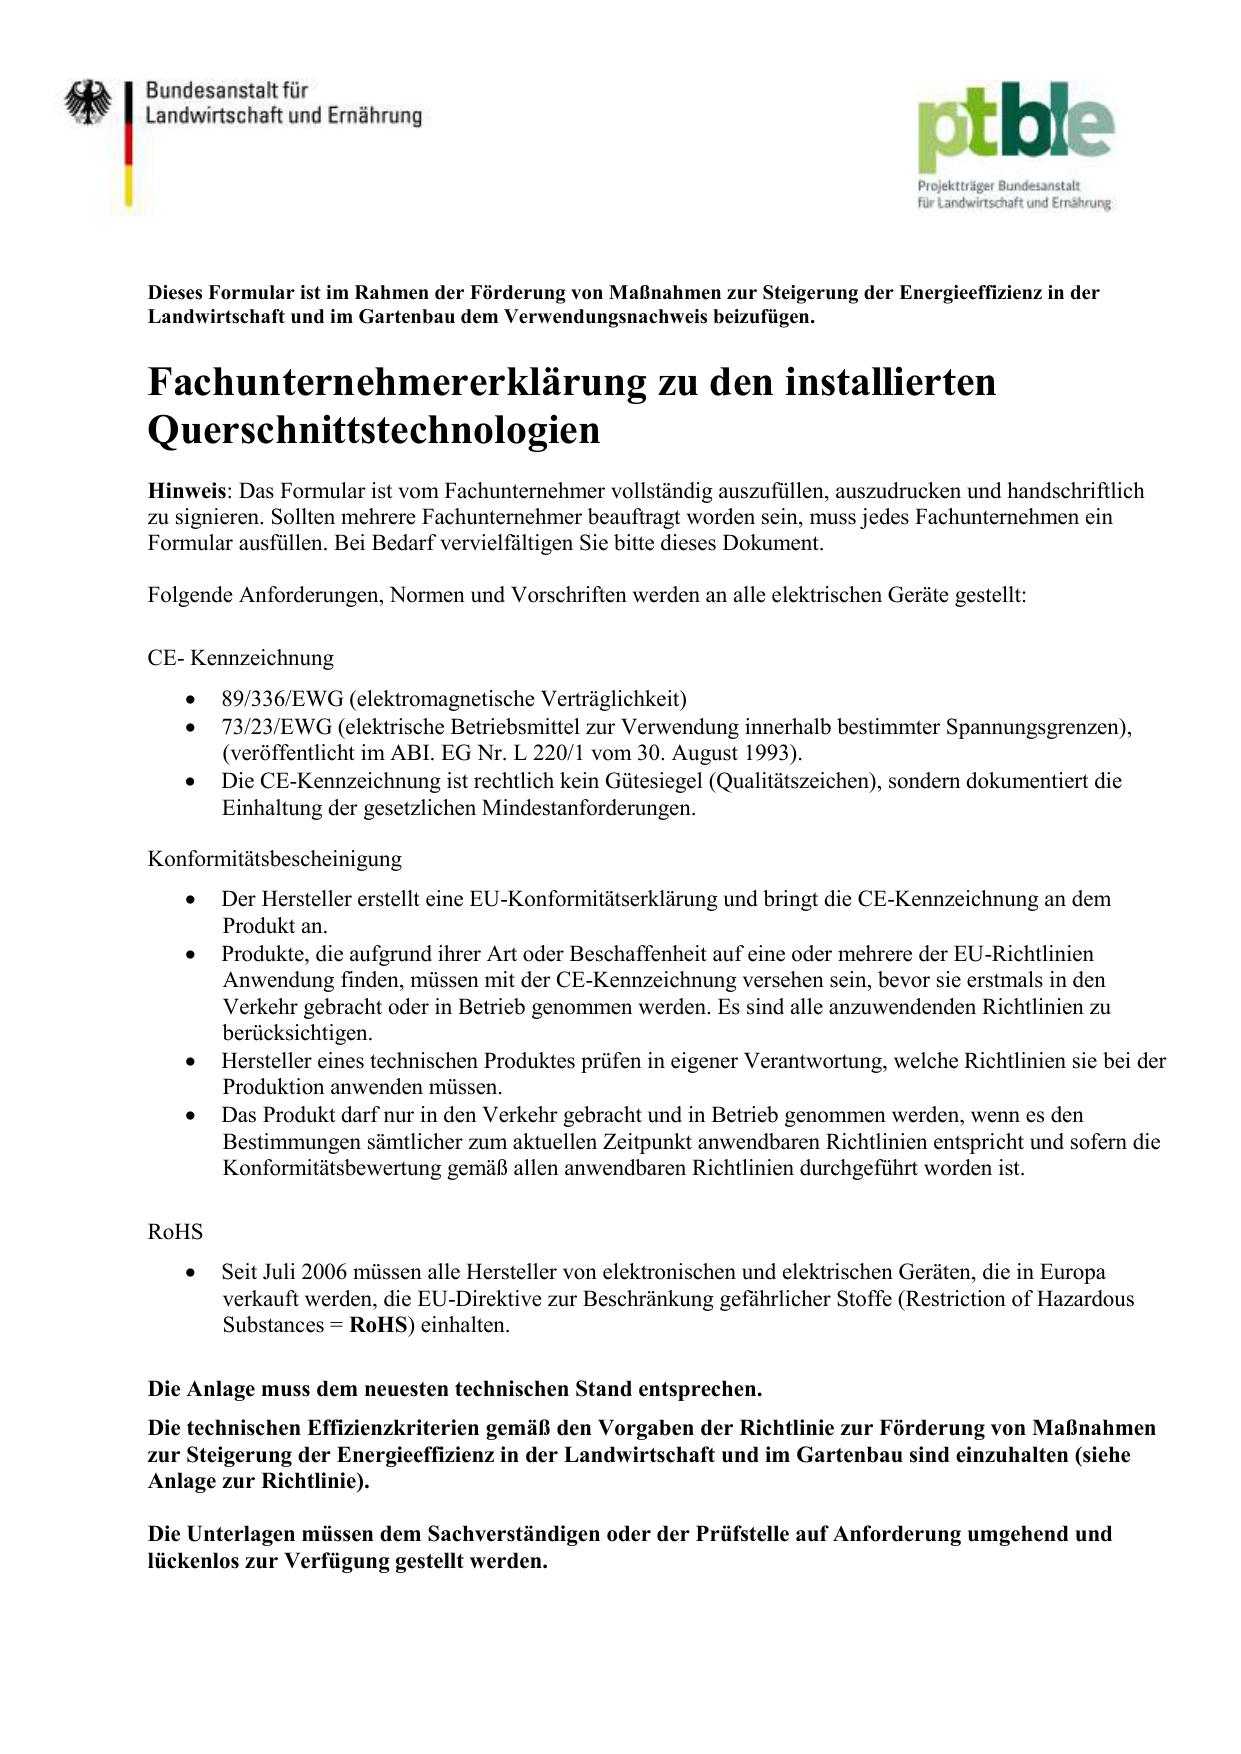 Fachunternehmererklarung Docx 199 Kb Nicht Barrierefrei